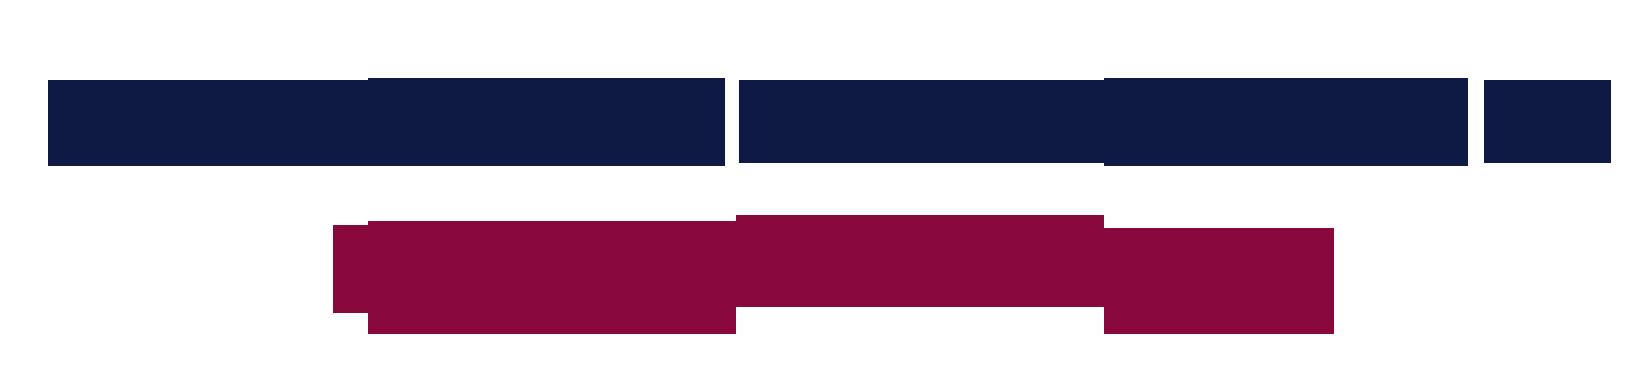 Consulente vacanze & Agenzia viaggi  | Emilia Romagna . Italia